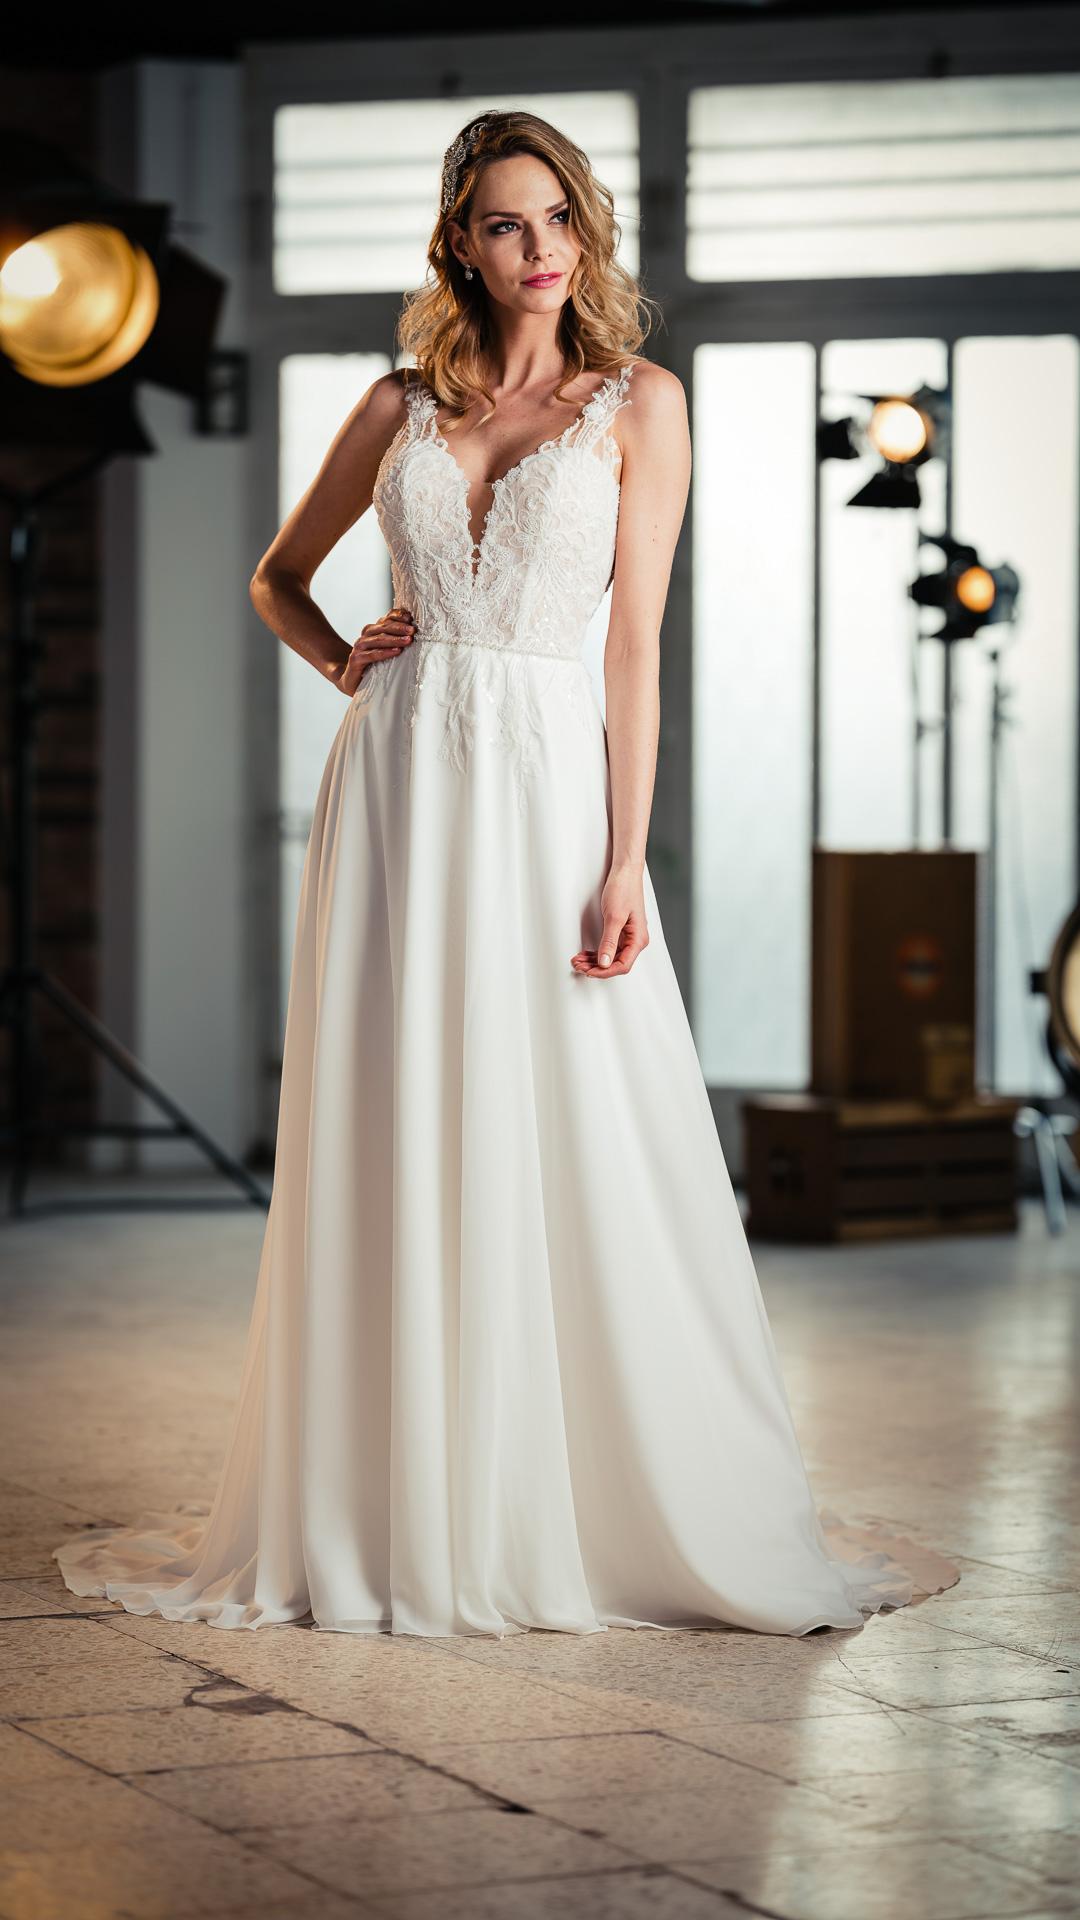 Kollektion 2021 Brautkleid 6709 von DMY